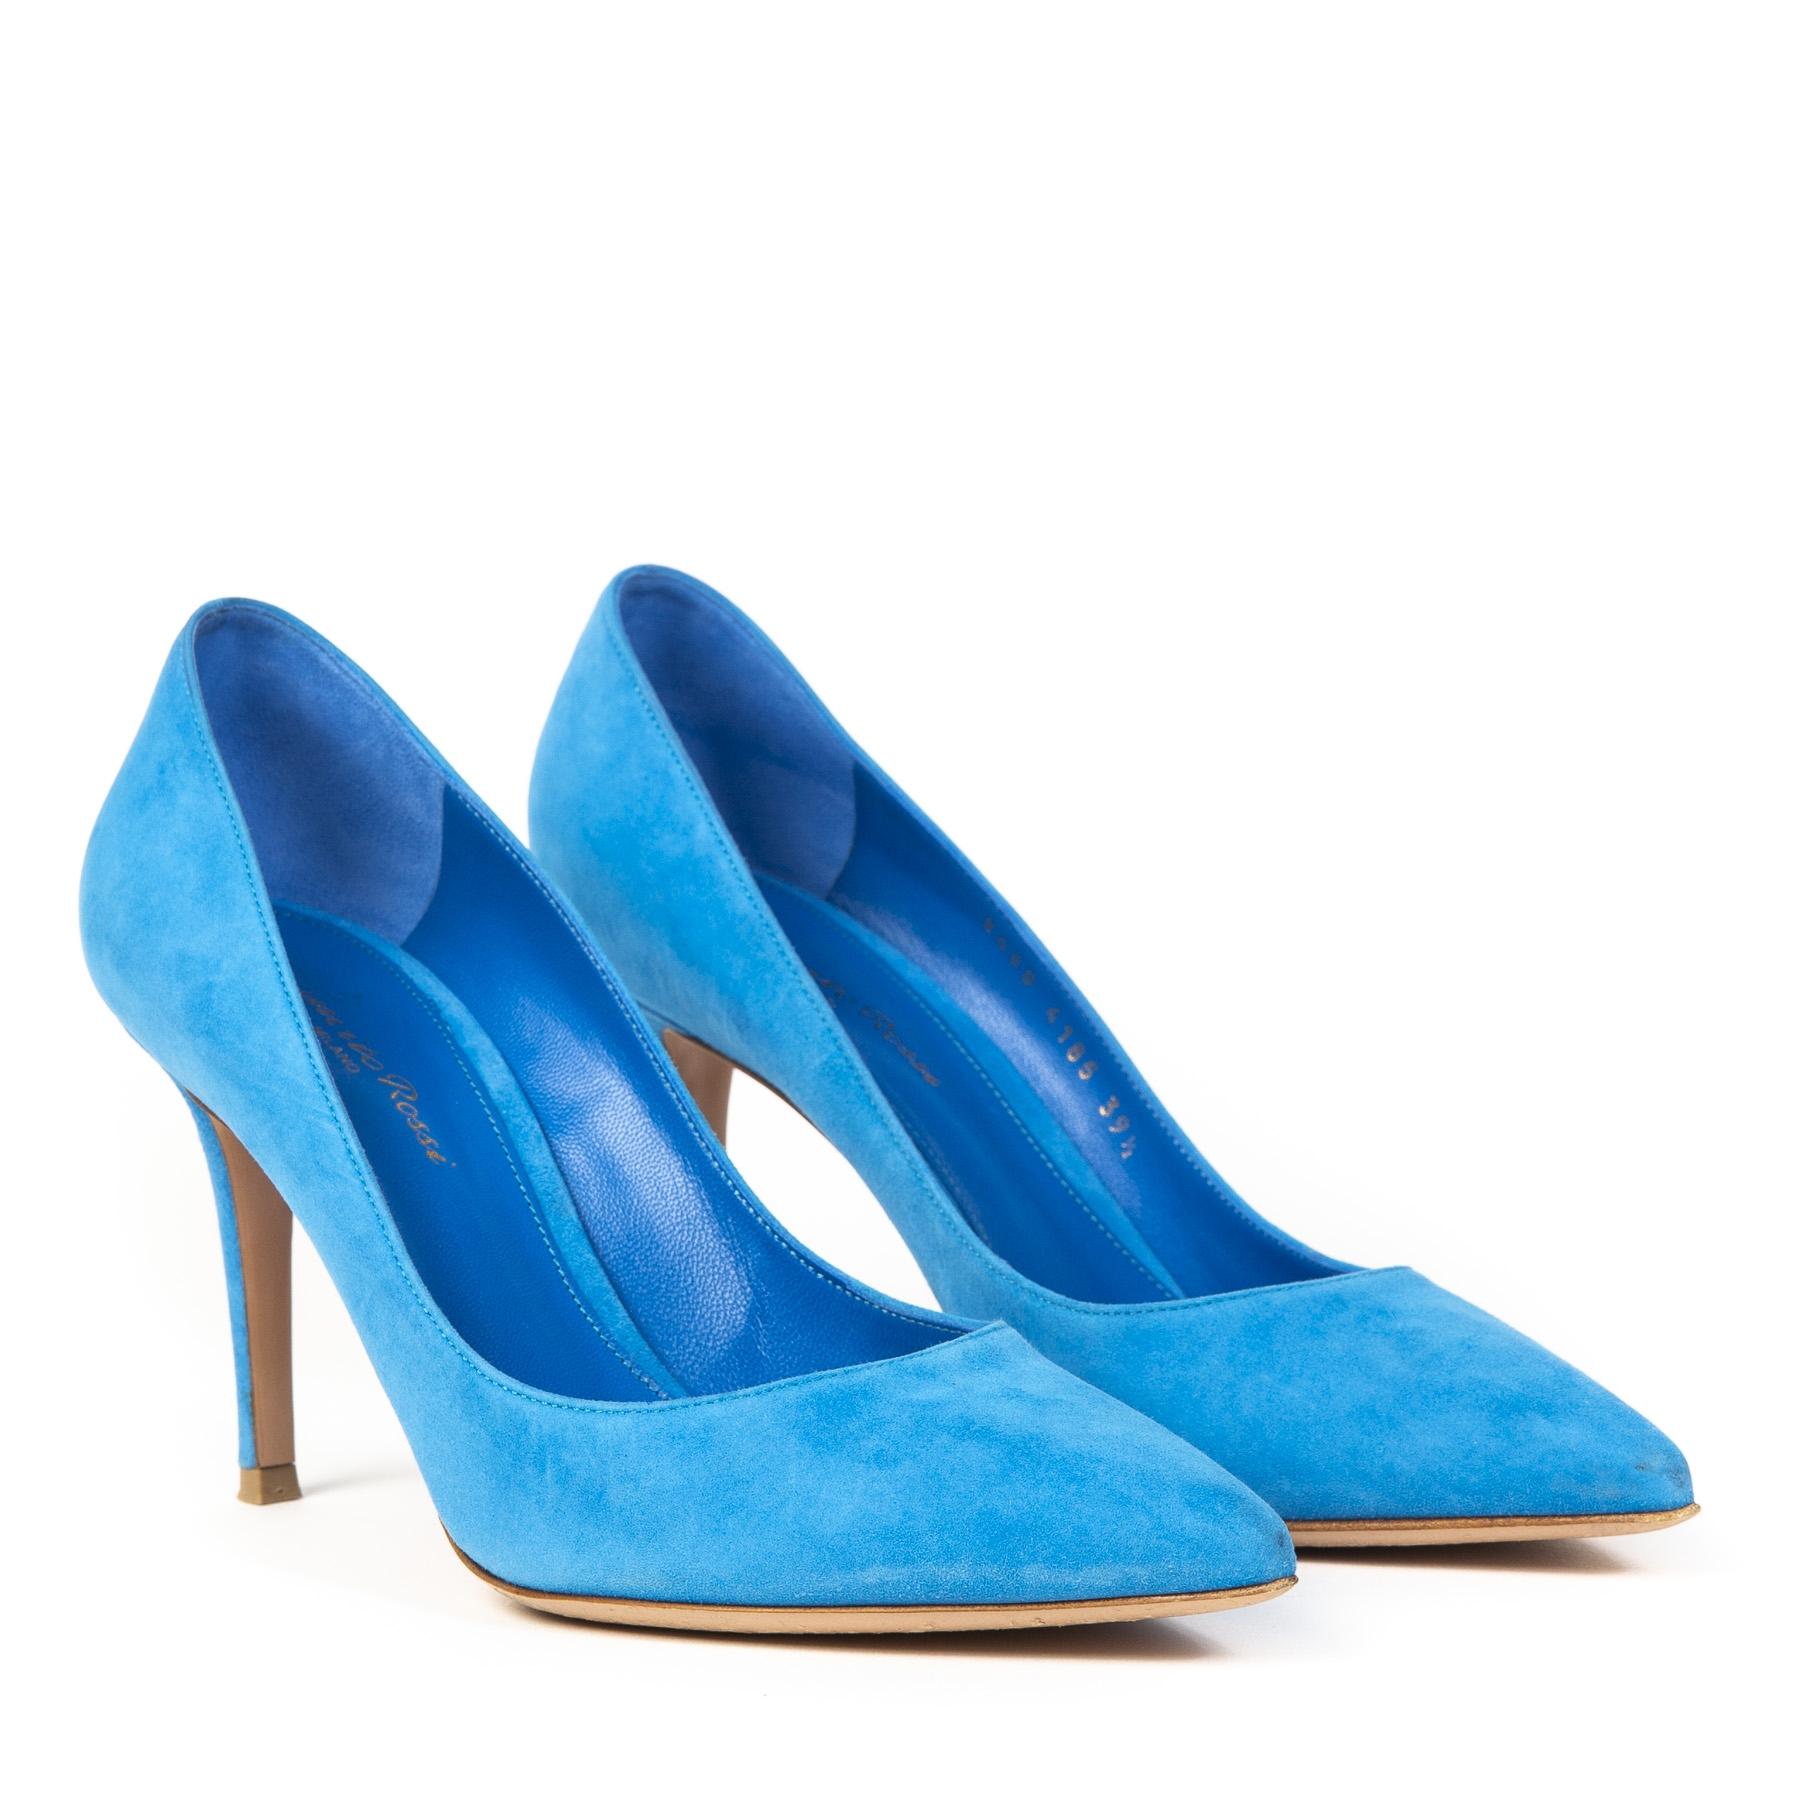 Authentieke Tweedehands Gianvito Rossi Blue Panarea Suede Pumps Size 39,5 juiste prijs veilig online shoppen webshop luxe merken winkelen Antwerpen België